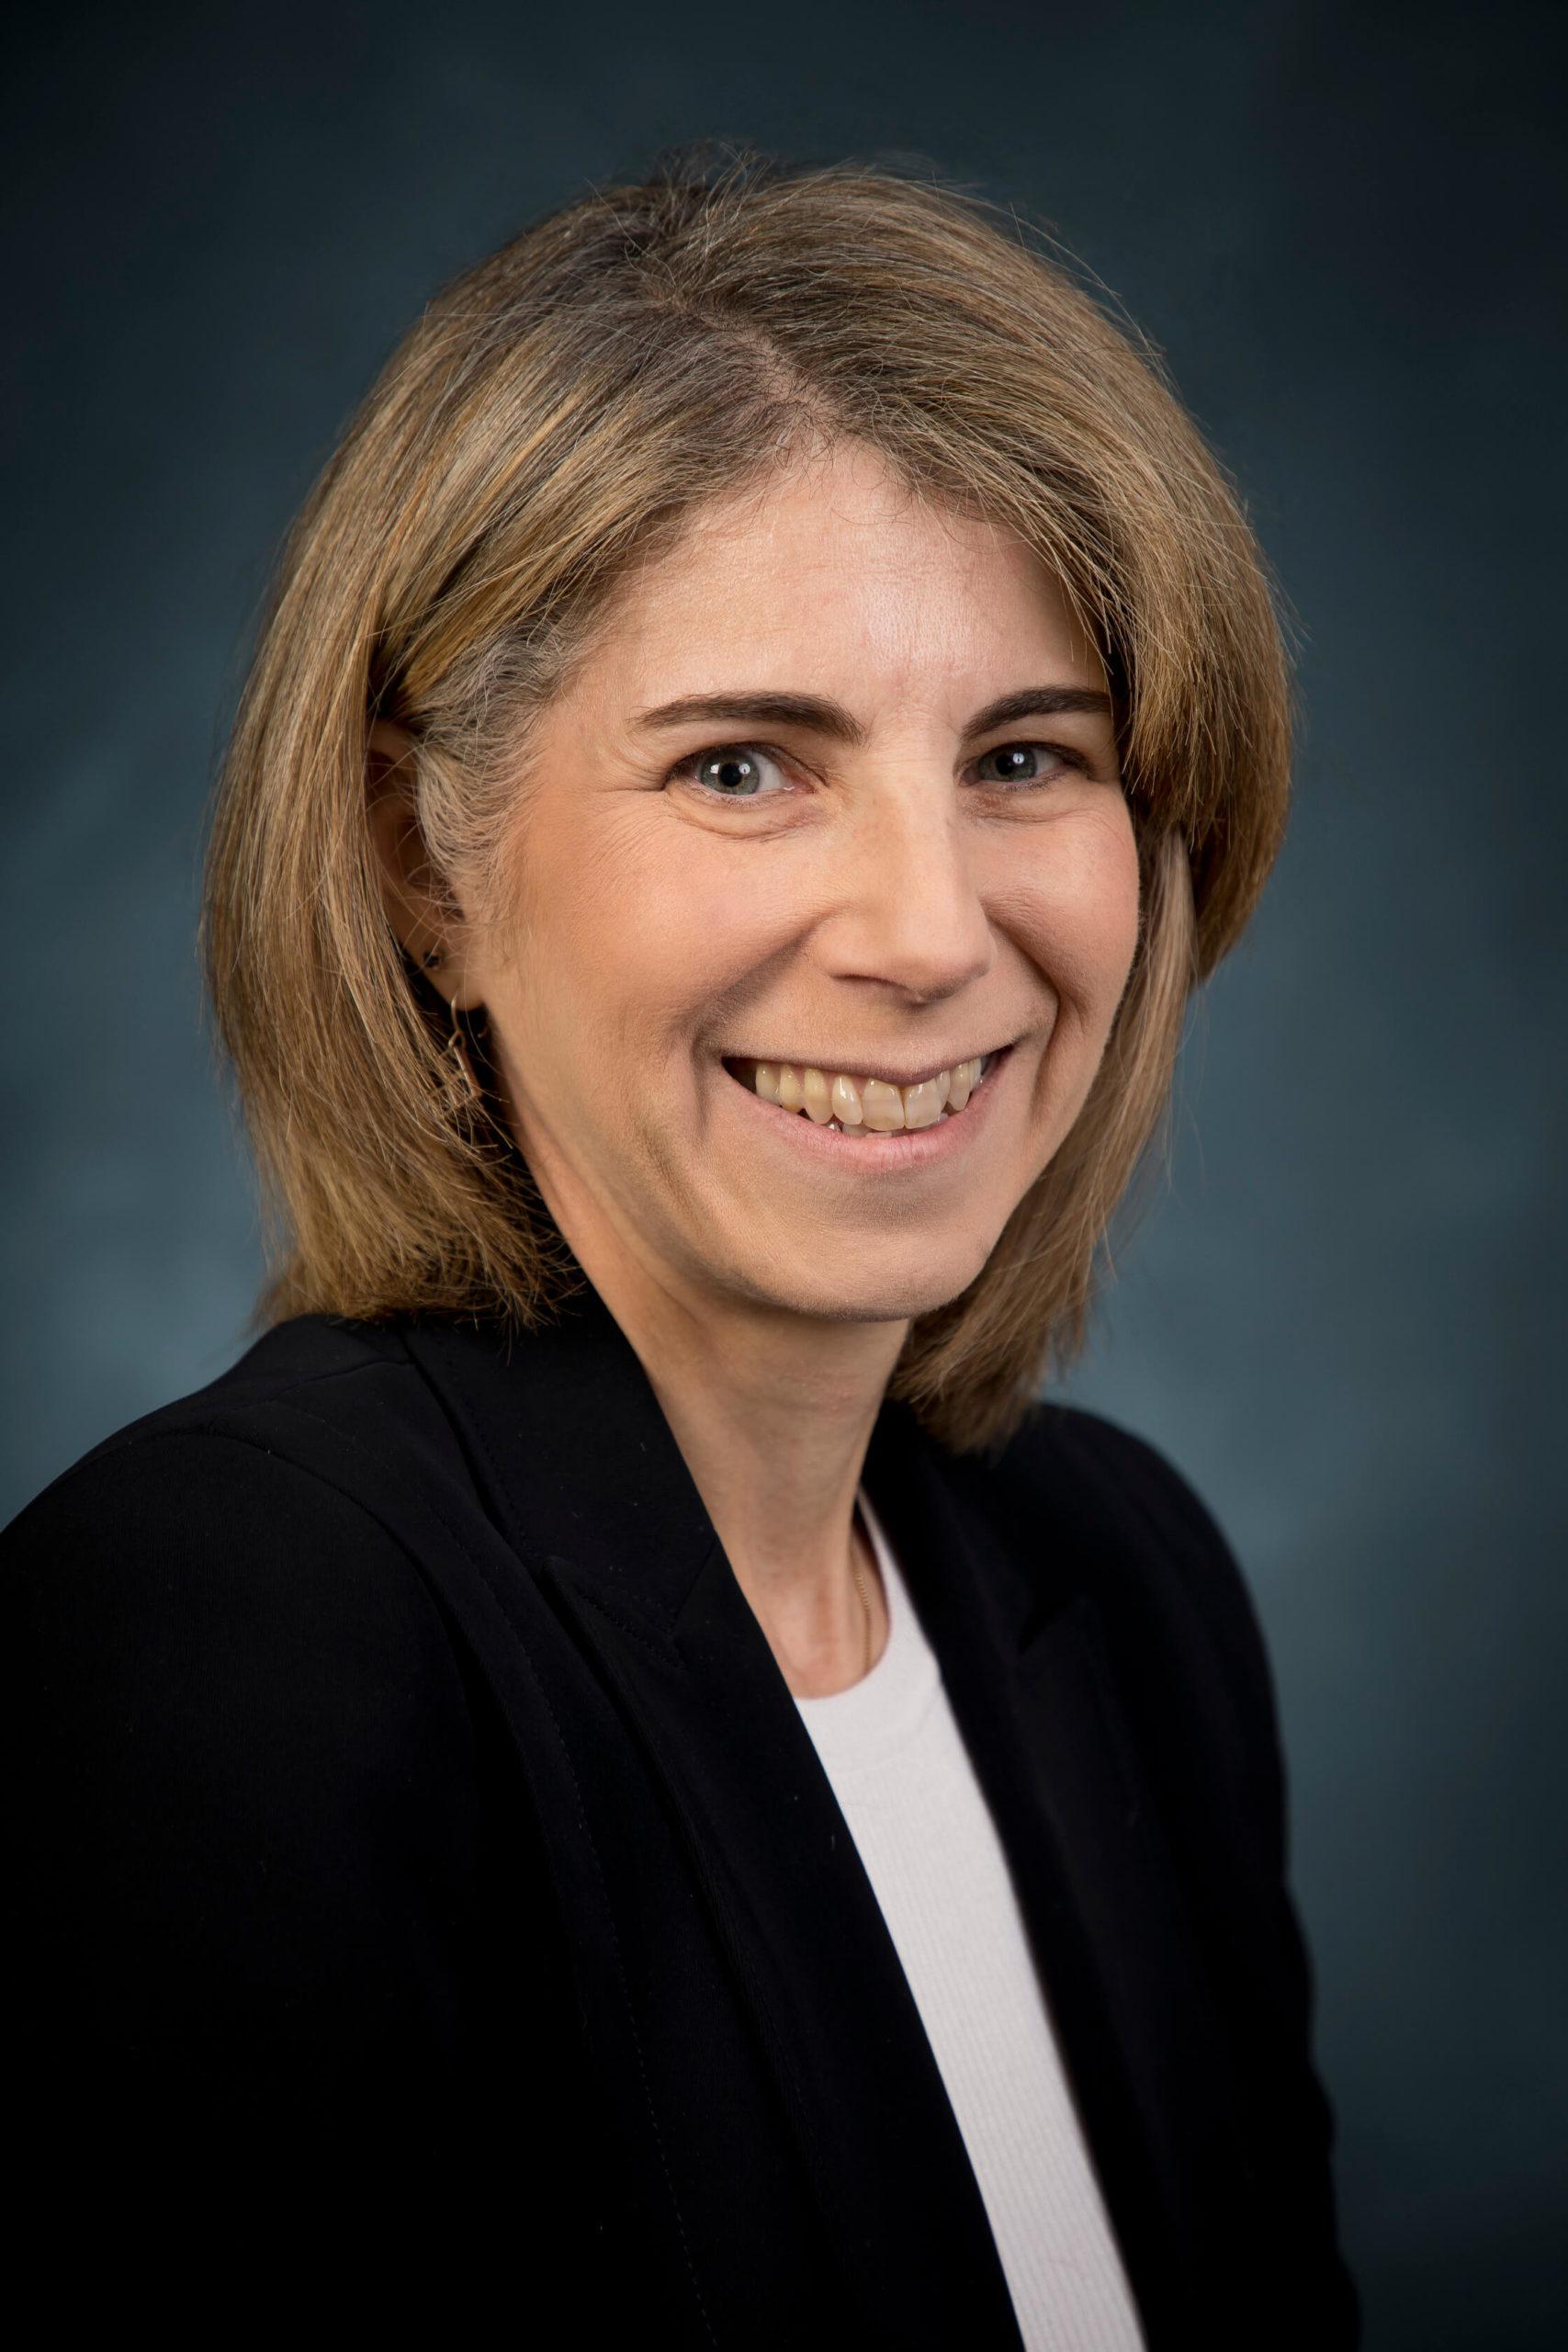 Allison L. C. De Cerreño, Ph.D.